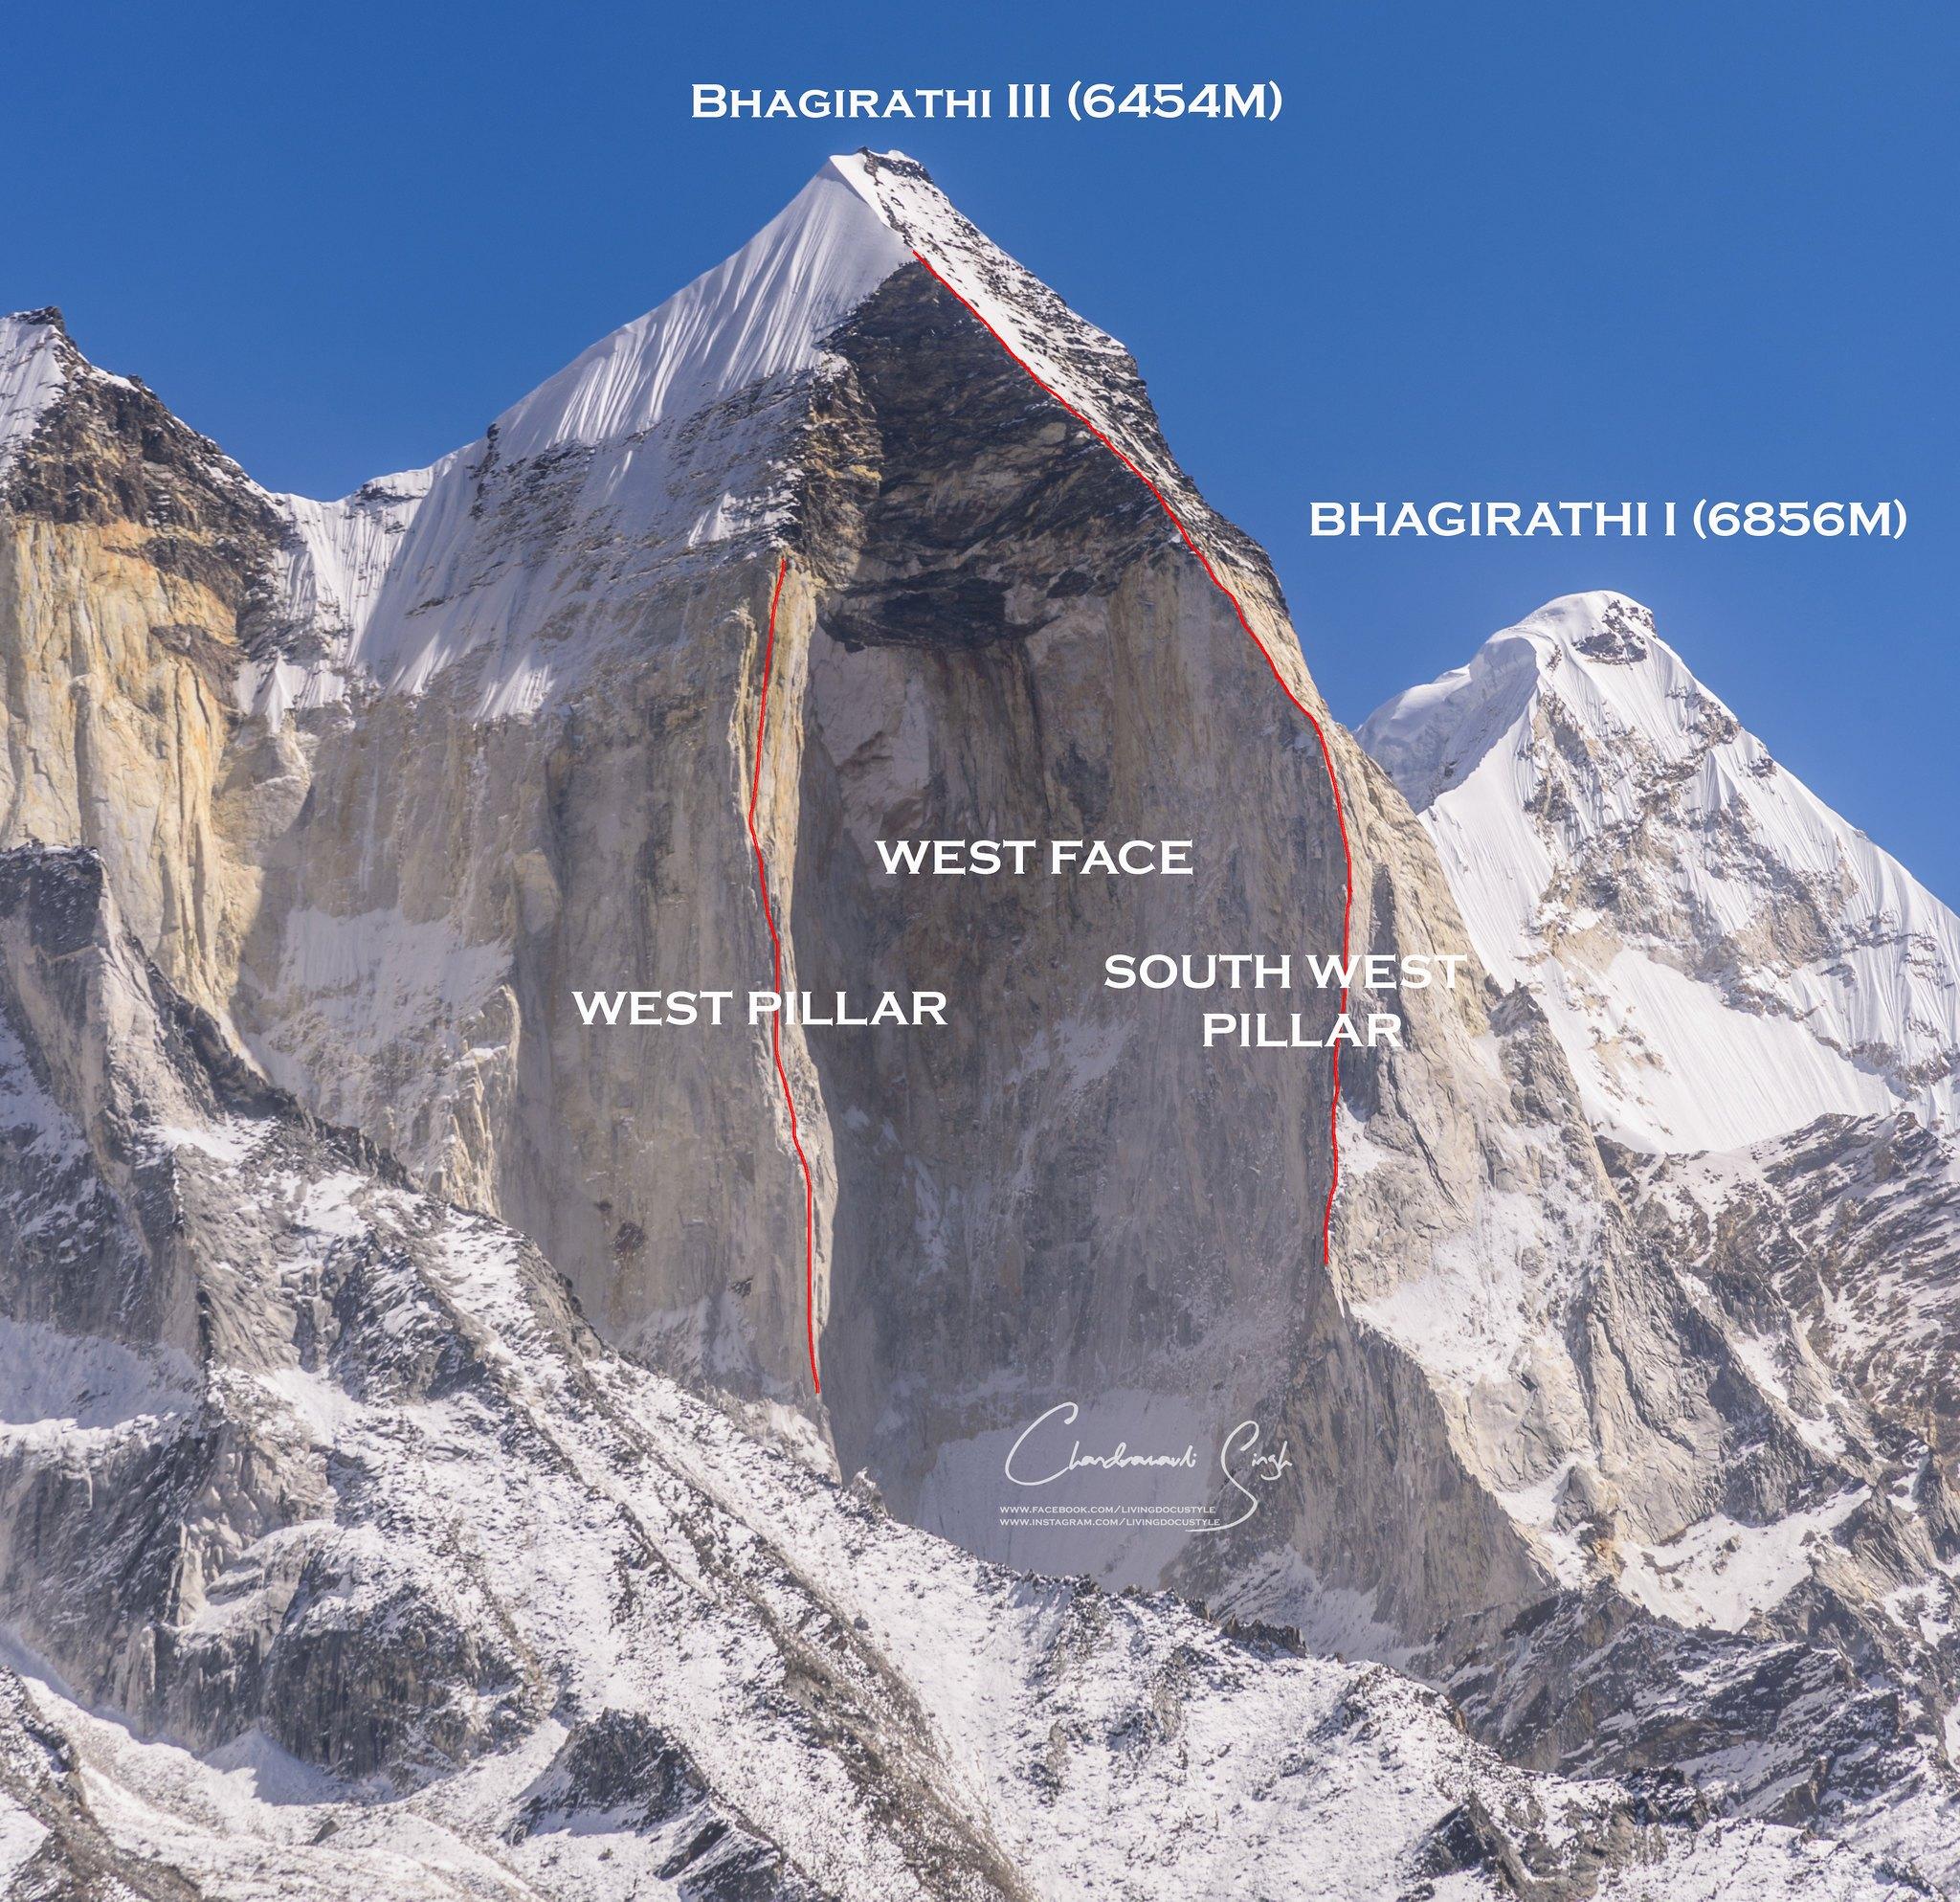 Bhagirathi III